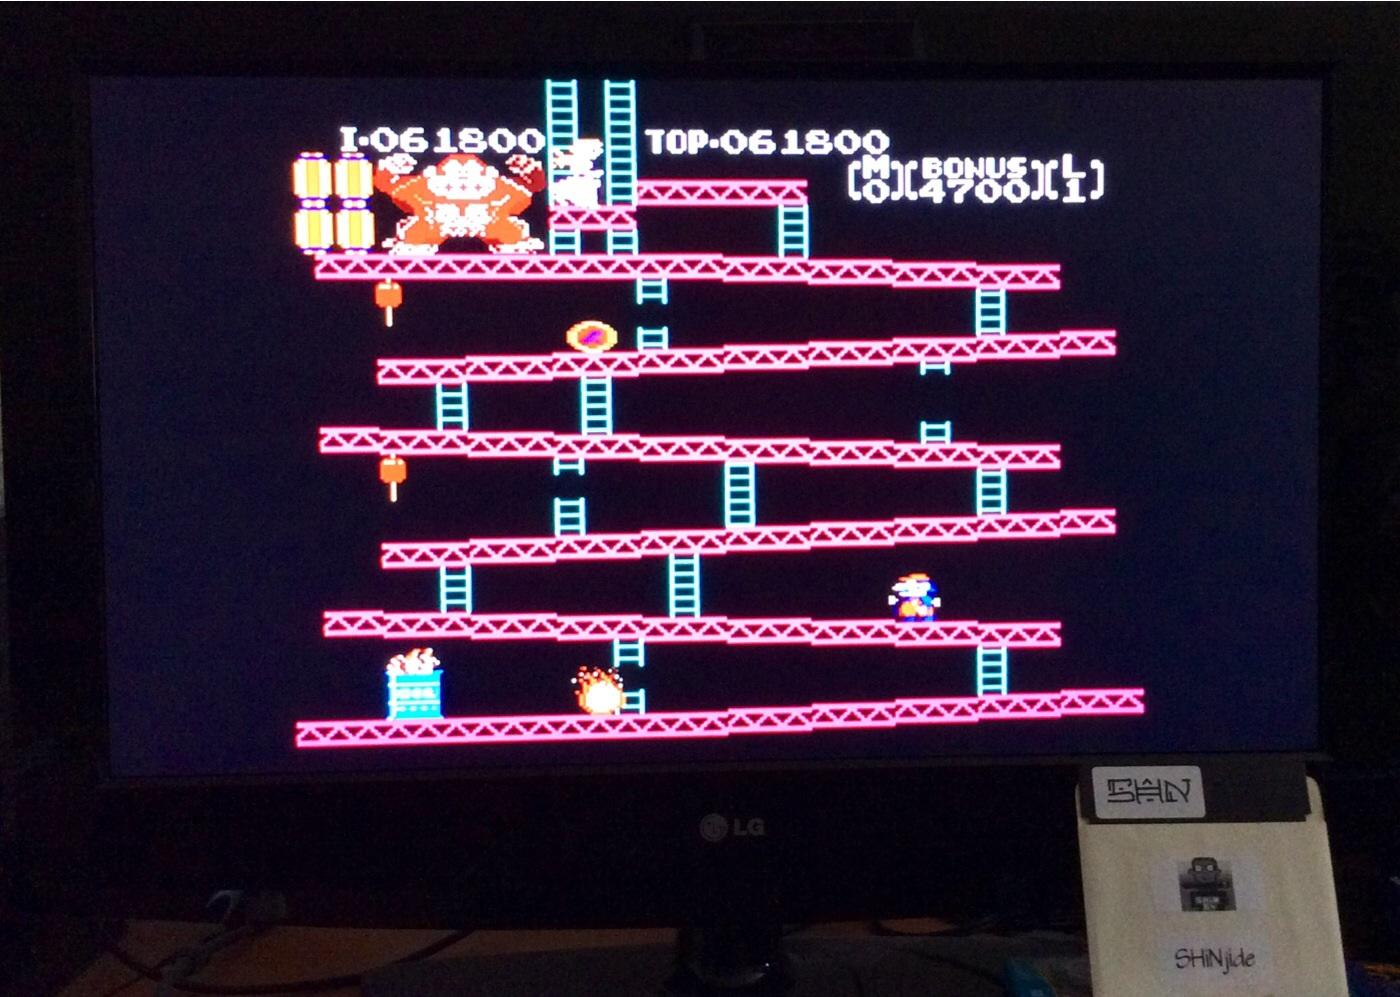 Donkey Kong 61,800 points